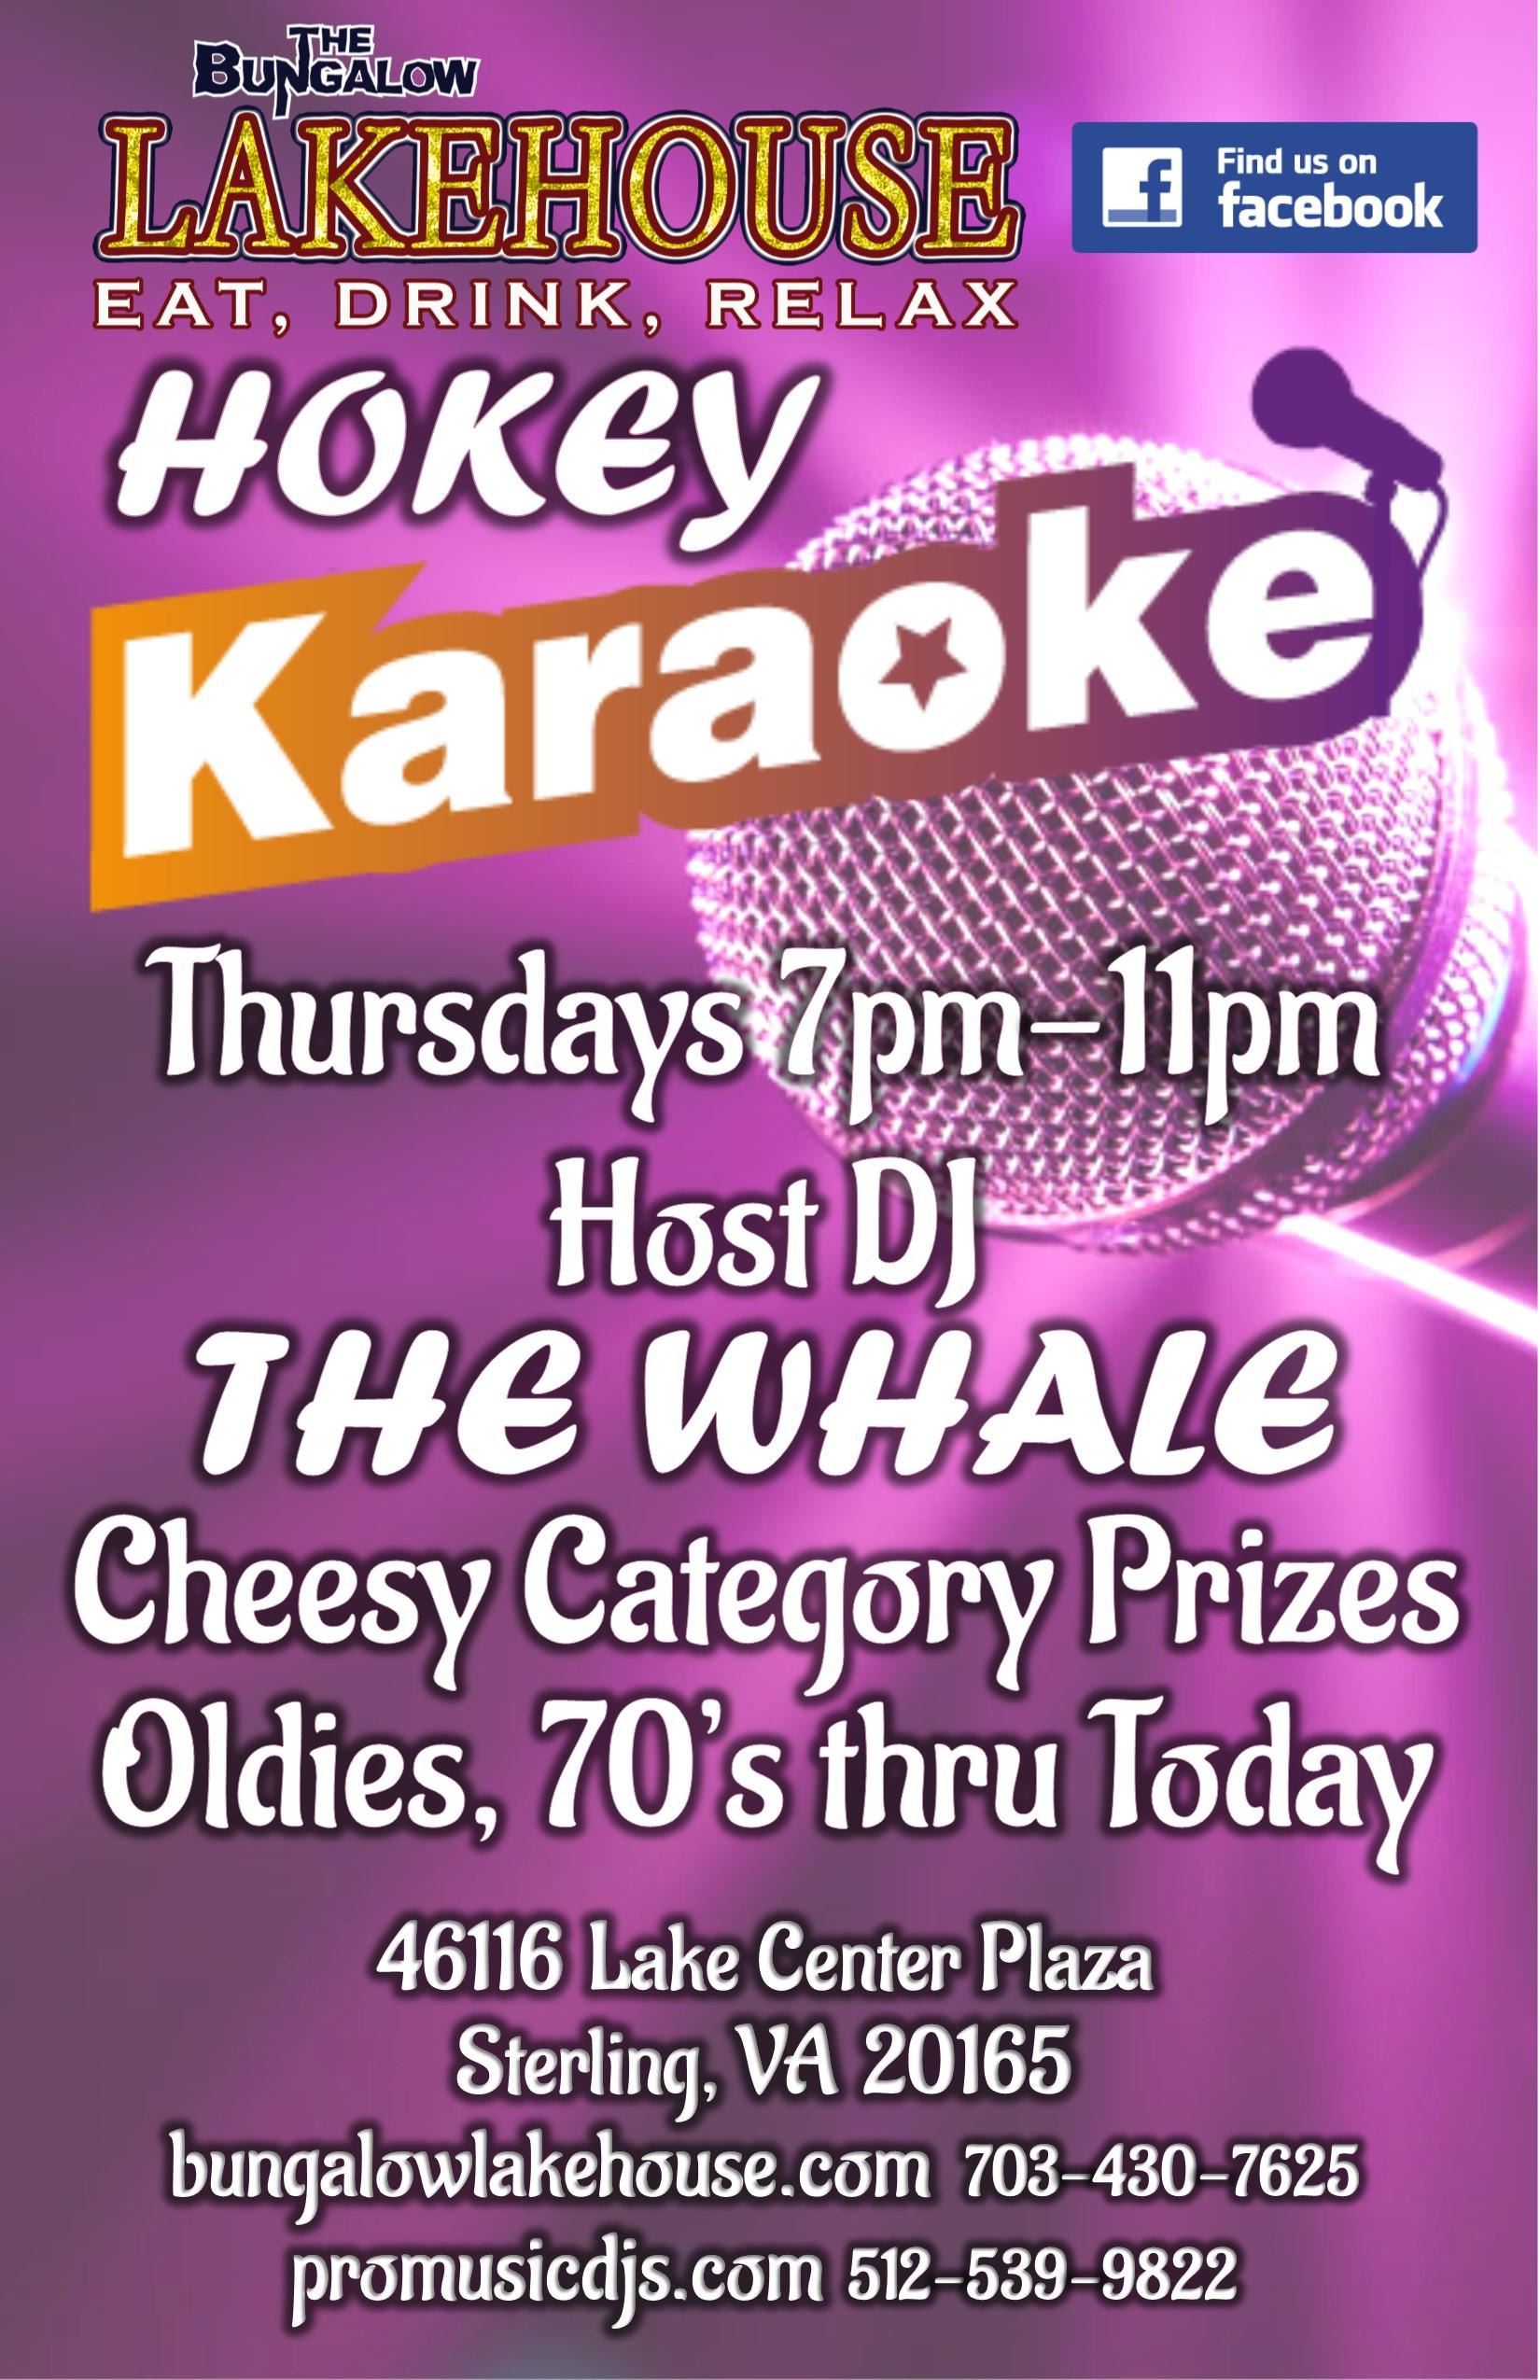 Hokey karaoke